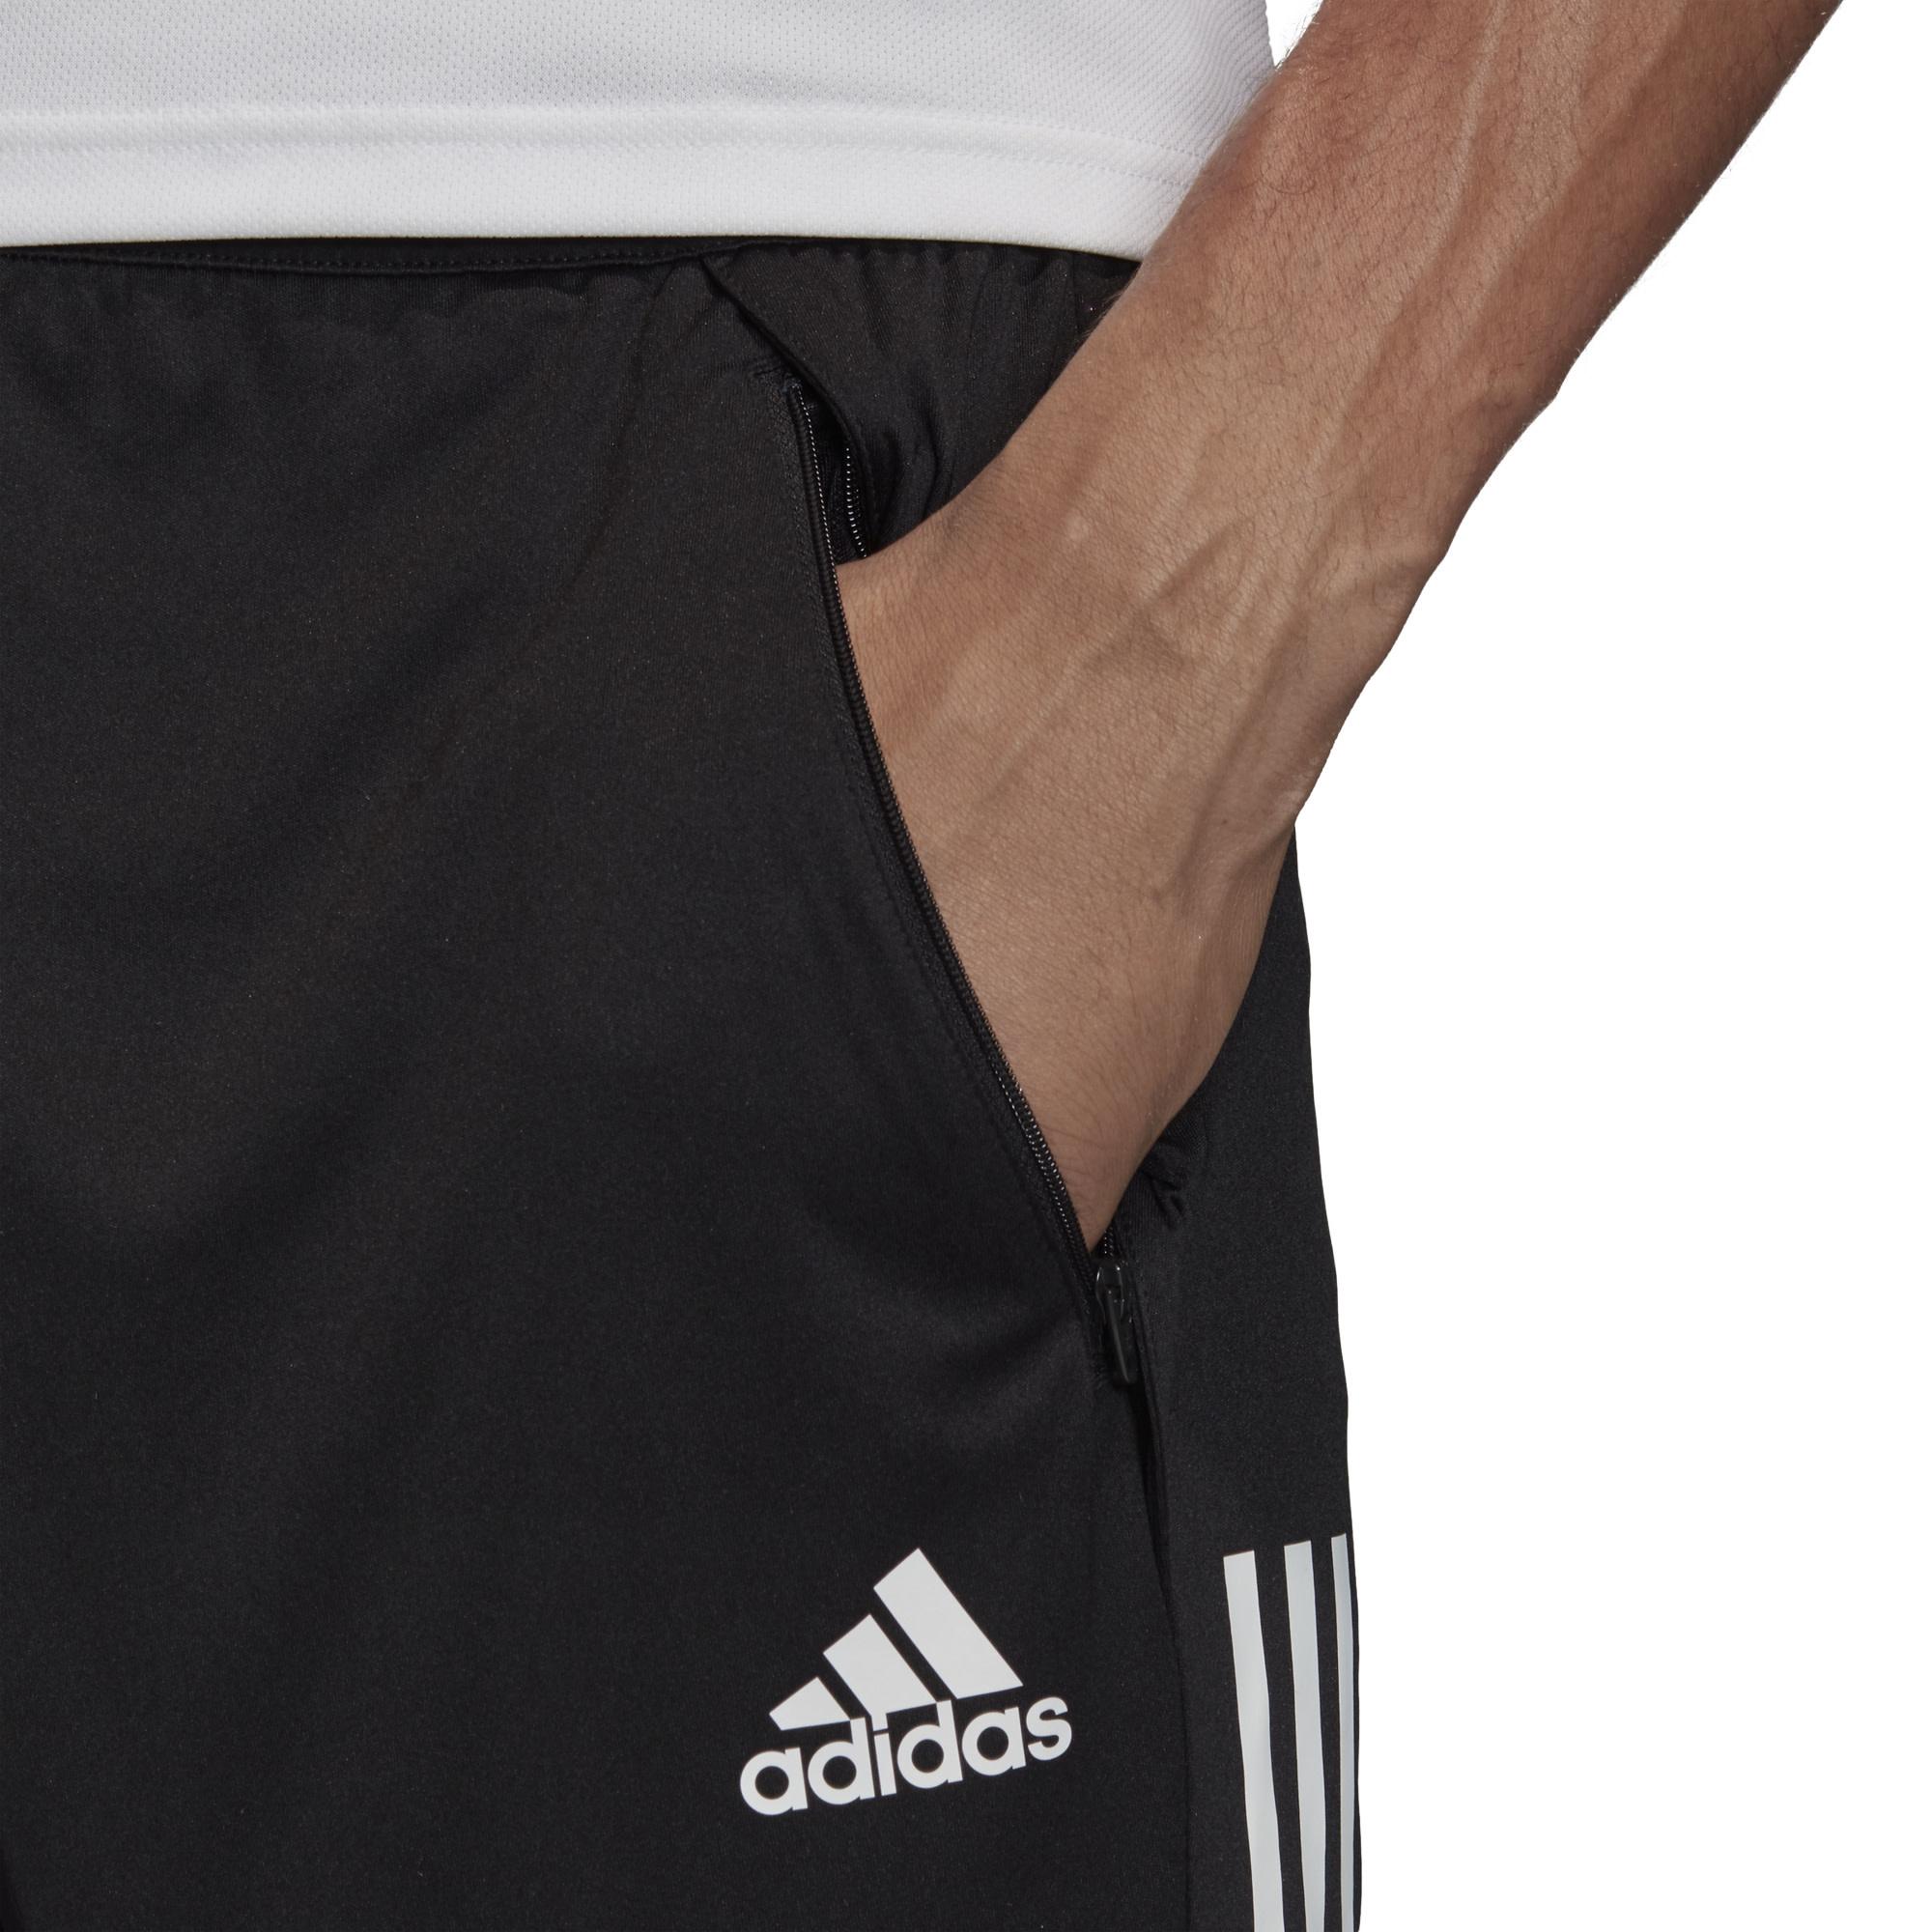 Adidas ADIDAS Condivo 3/4 Pant